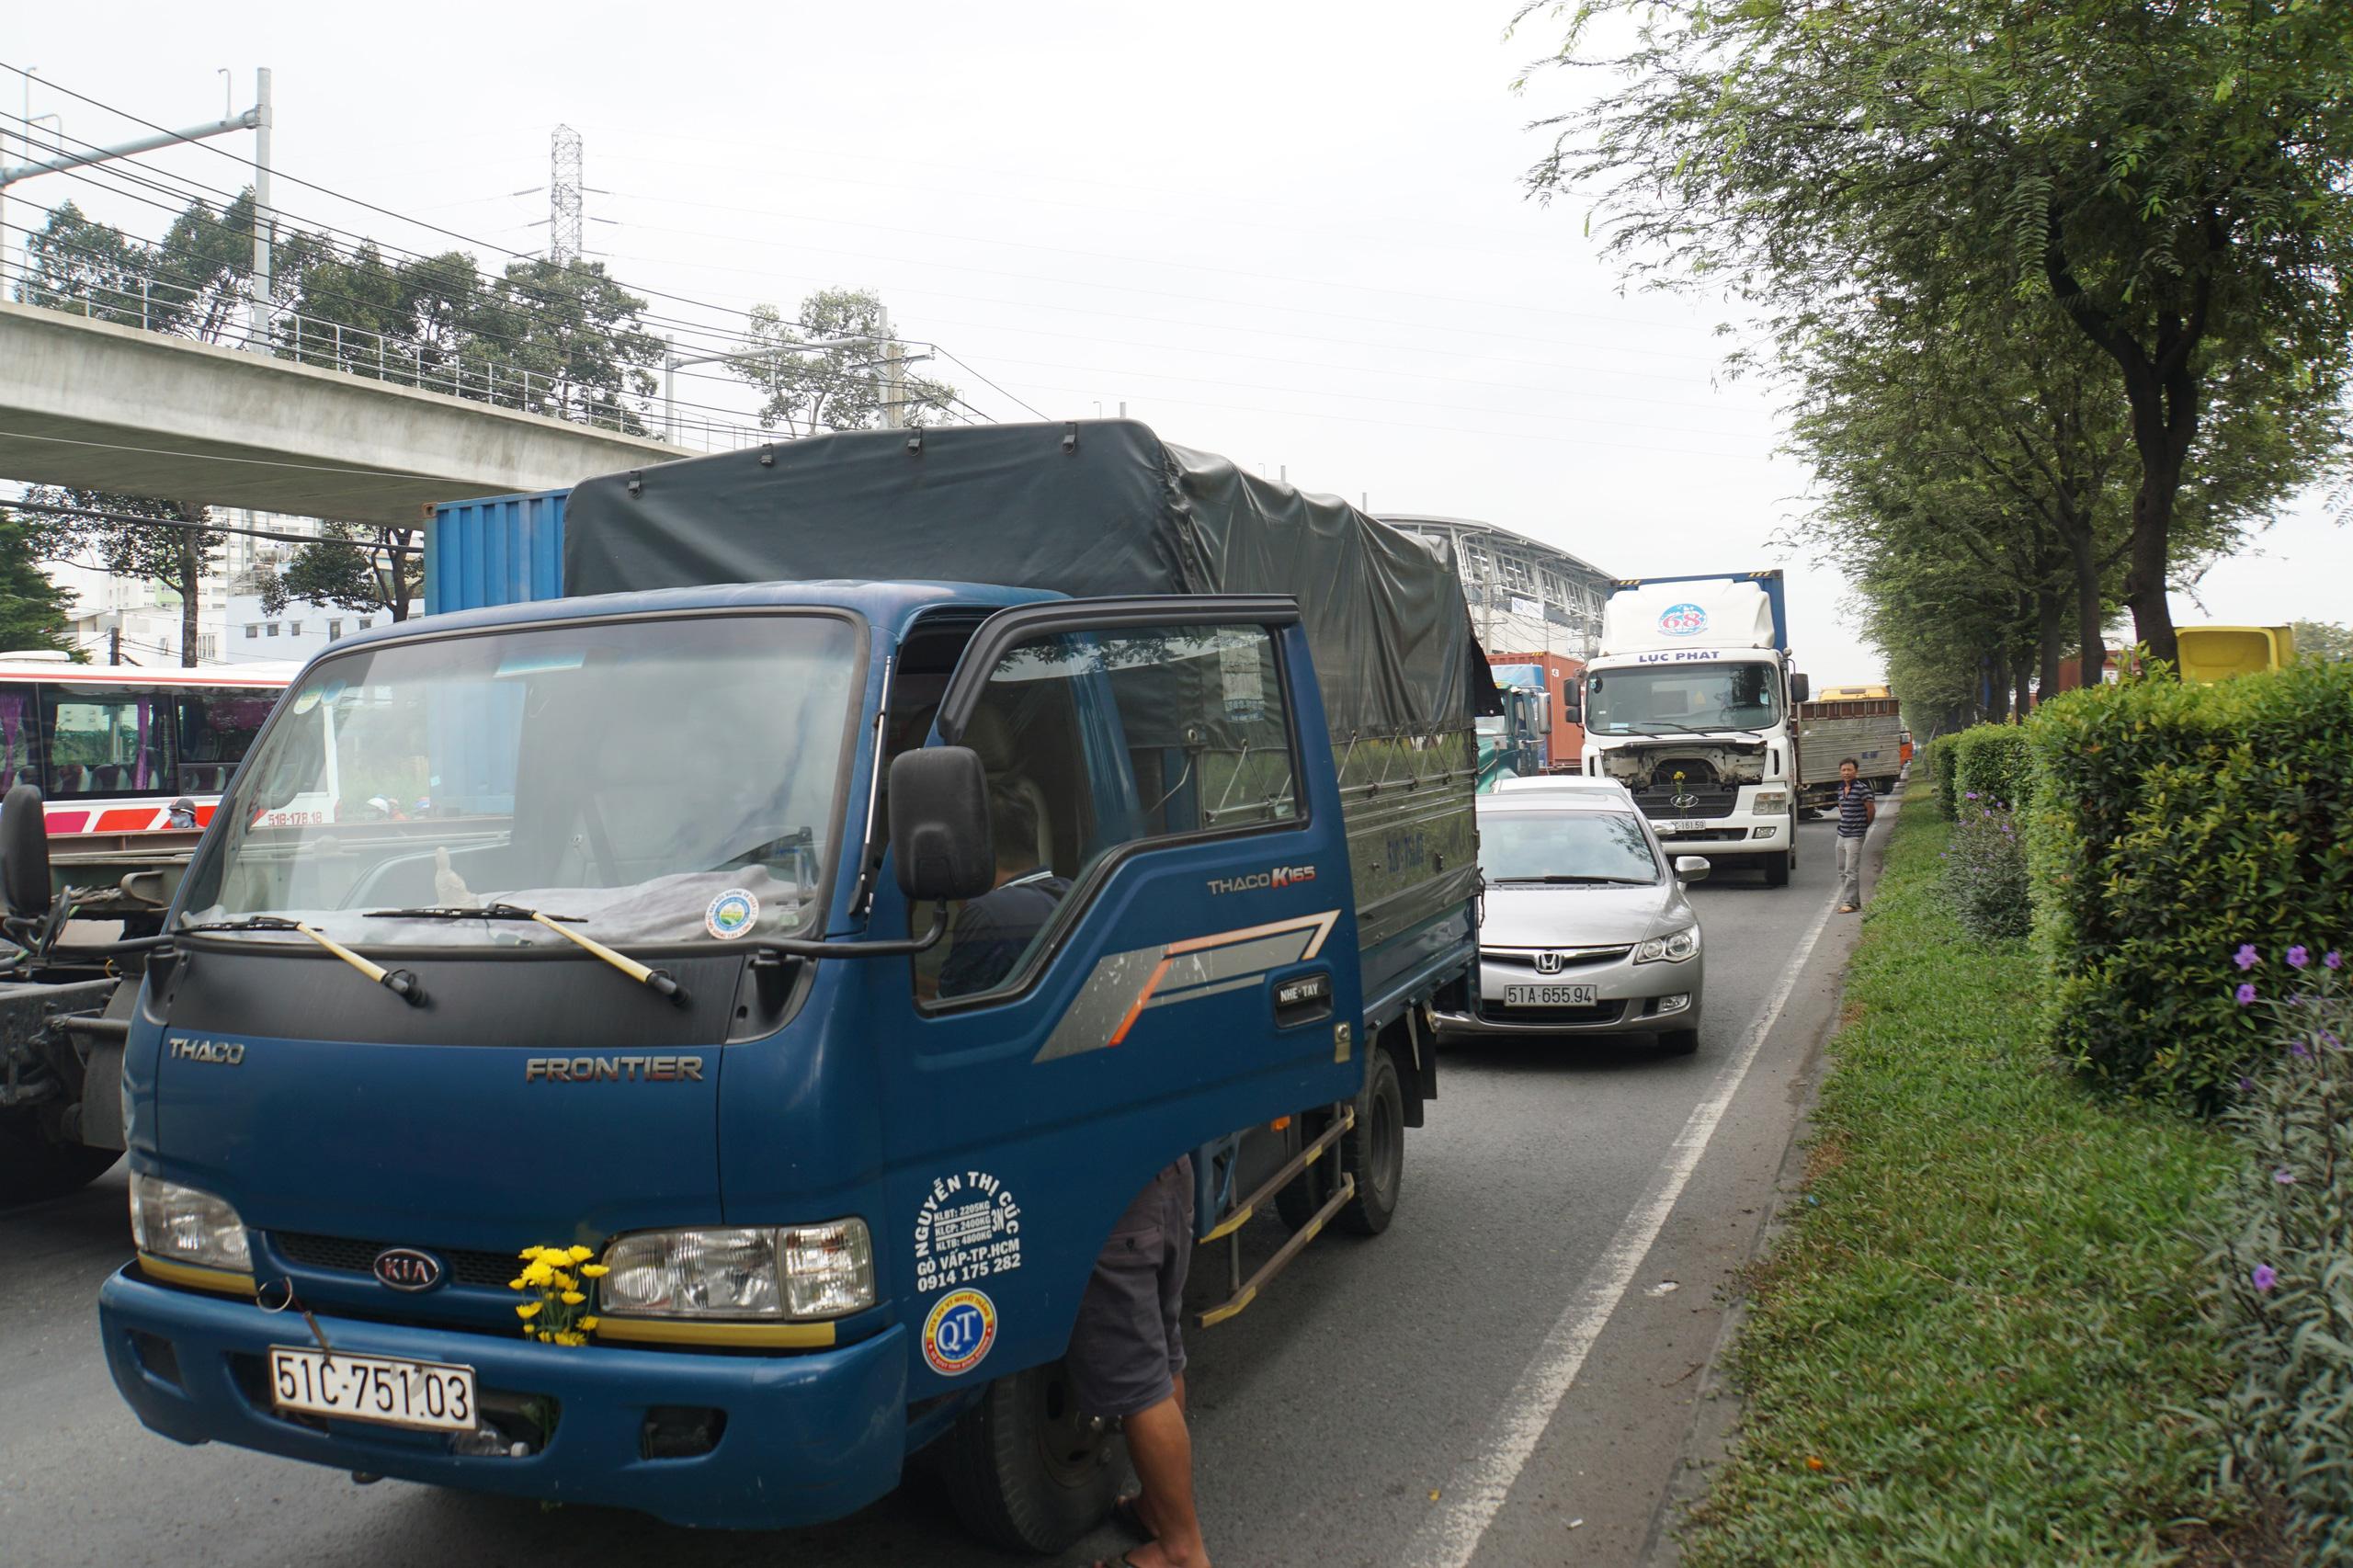 Ảnh: Kẹt xe từ sáng đến trưa ở phía Đông Sài Gòn, tài xế mở cửa xuống ngắm cảnh - Ảnh 3.